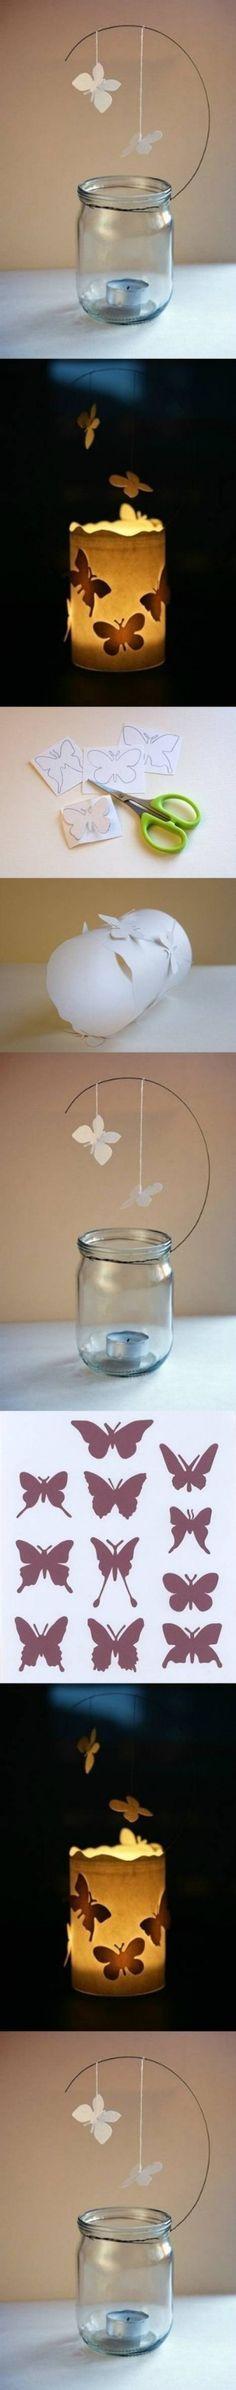 Envase para vela: un toque decorativo tierno y delicado para centro de mesa…